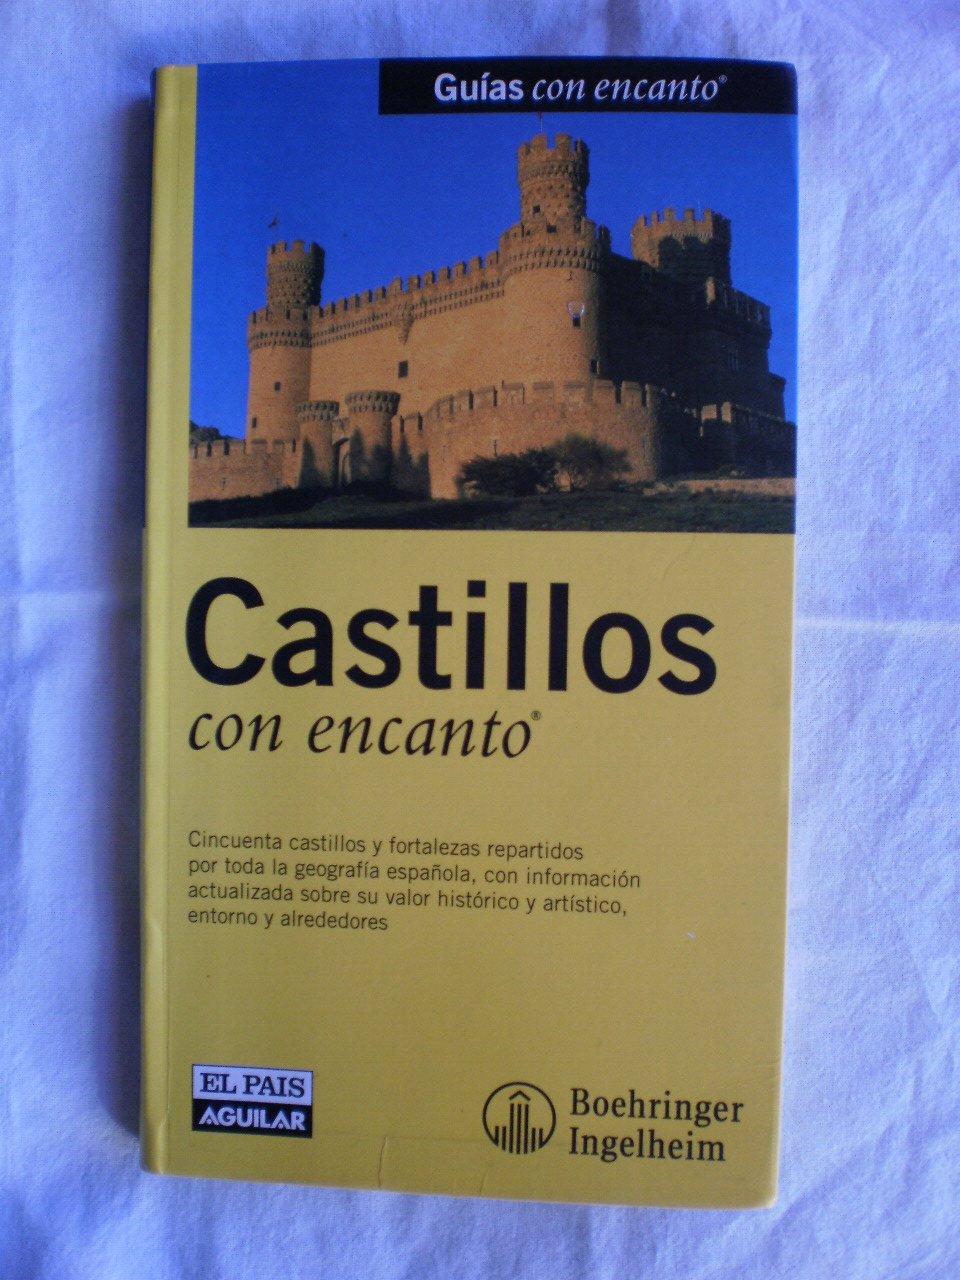 CASTILLOS CON ENCANTO (Guias Con Encanto): Amazon.es: Aa.Vv.: Libros